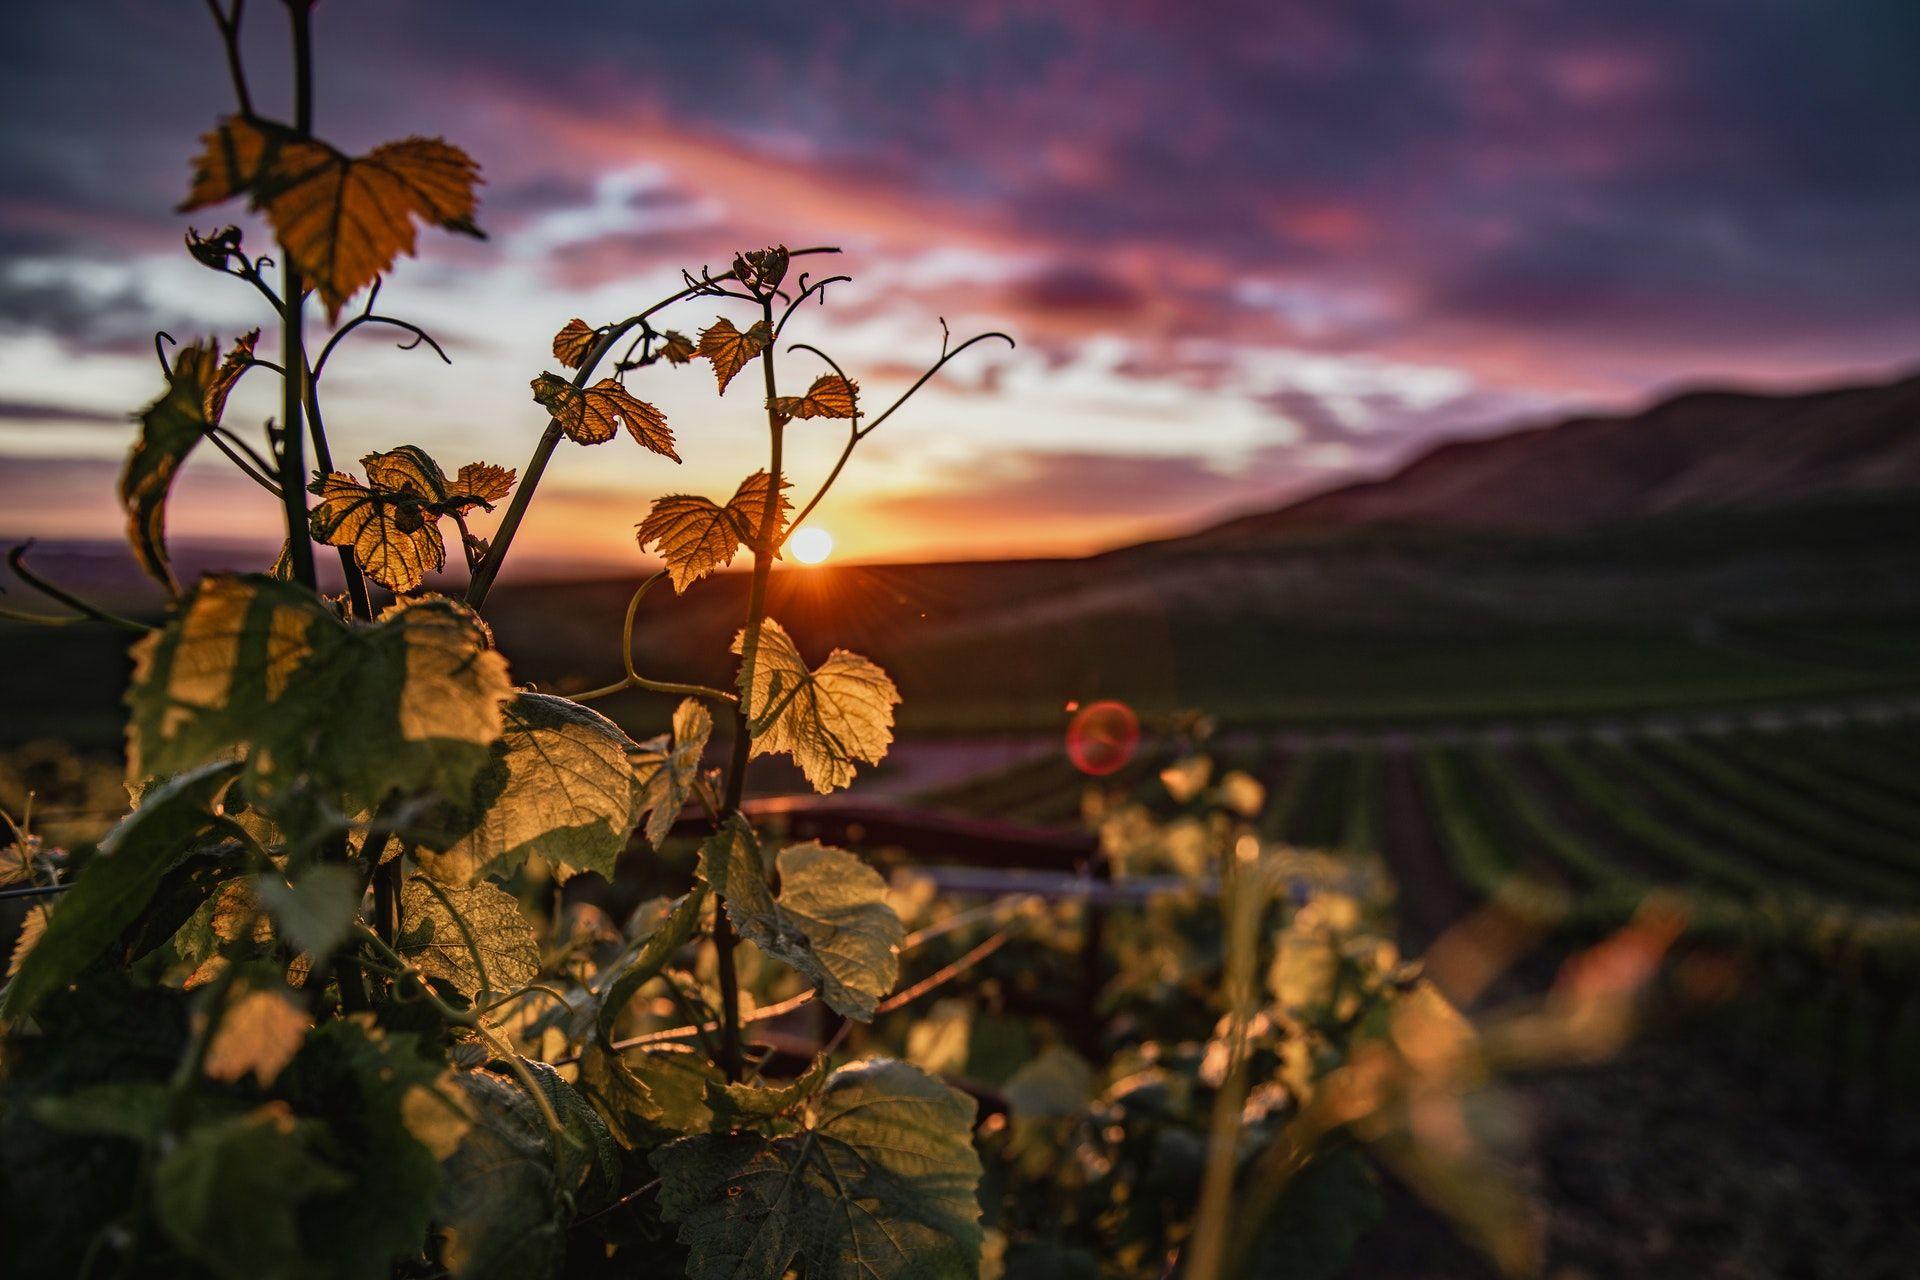 Vineyard and a sunset, WSET Level 2 exam